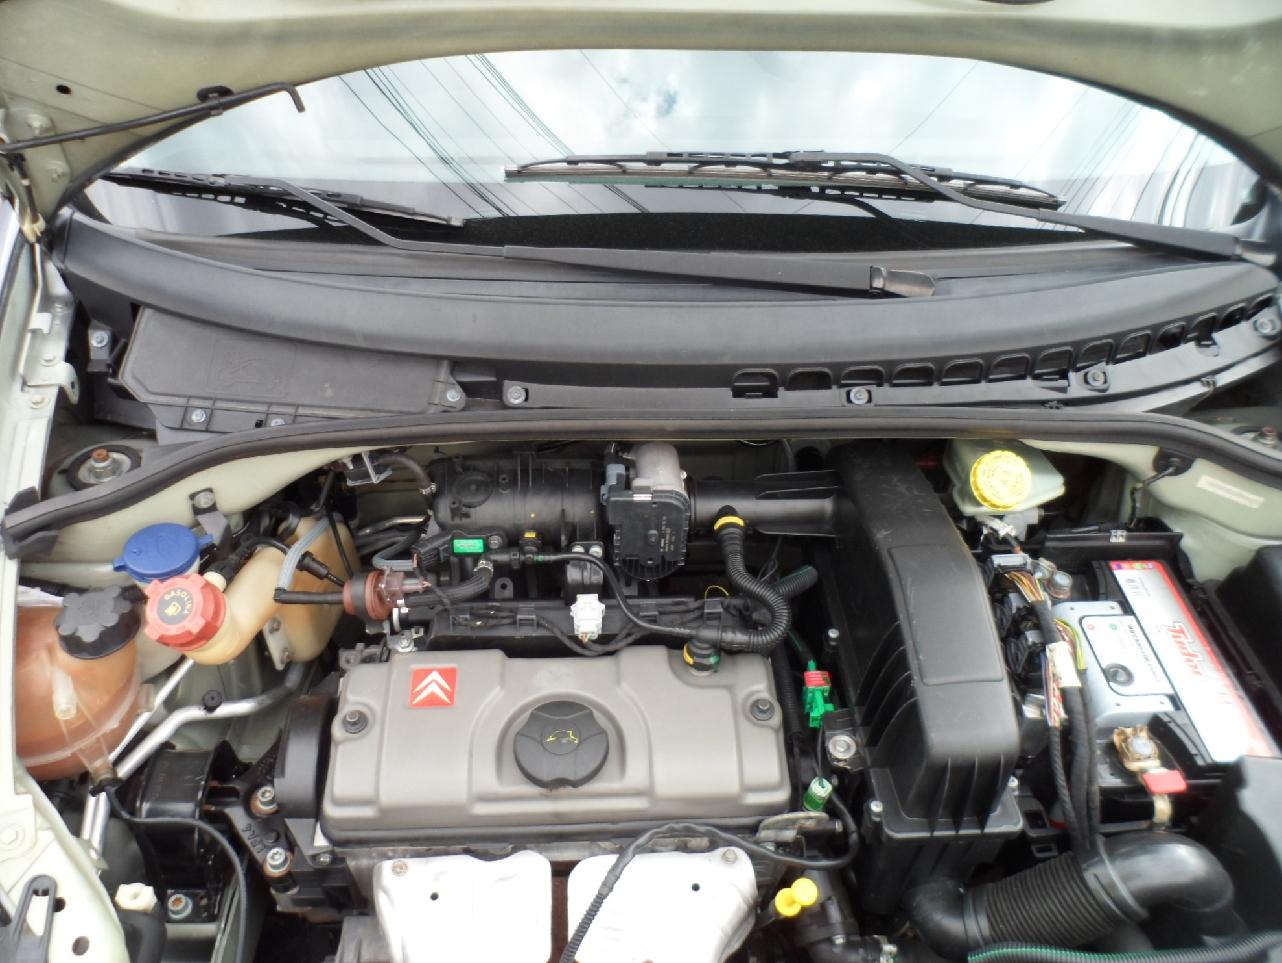 Citroen C3 1.4 I GLX 8V FLEX 4P MANUAL